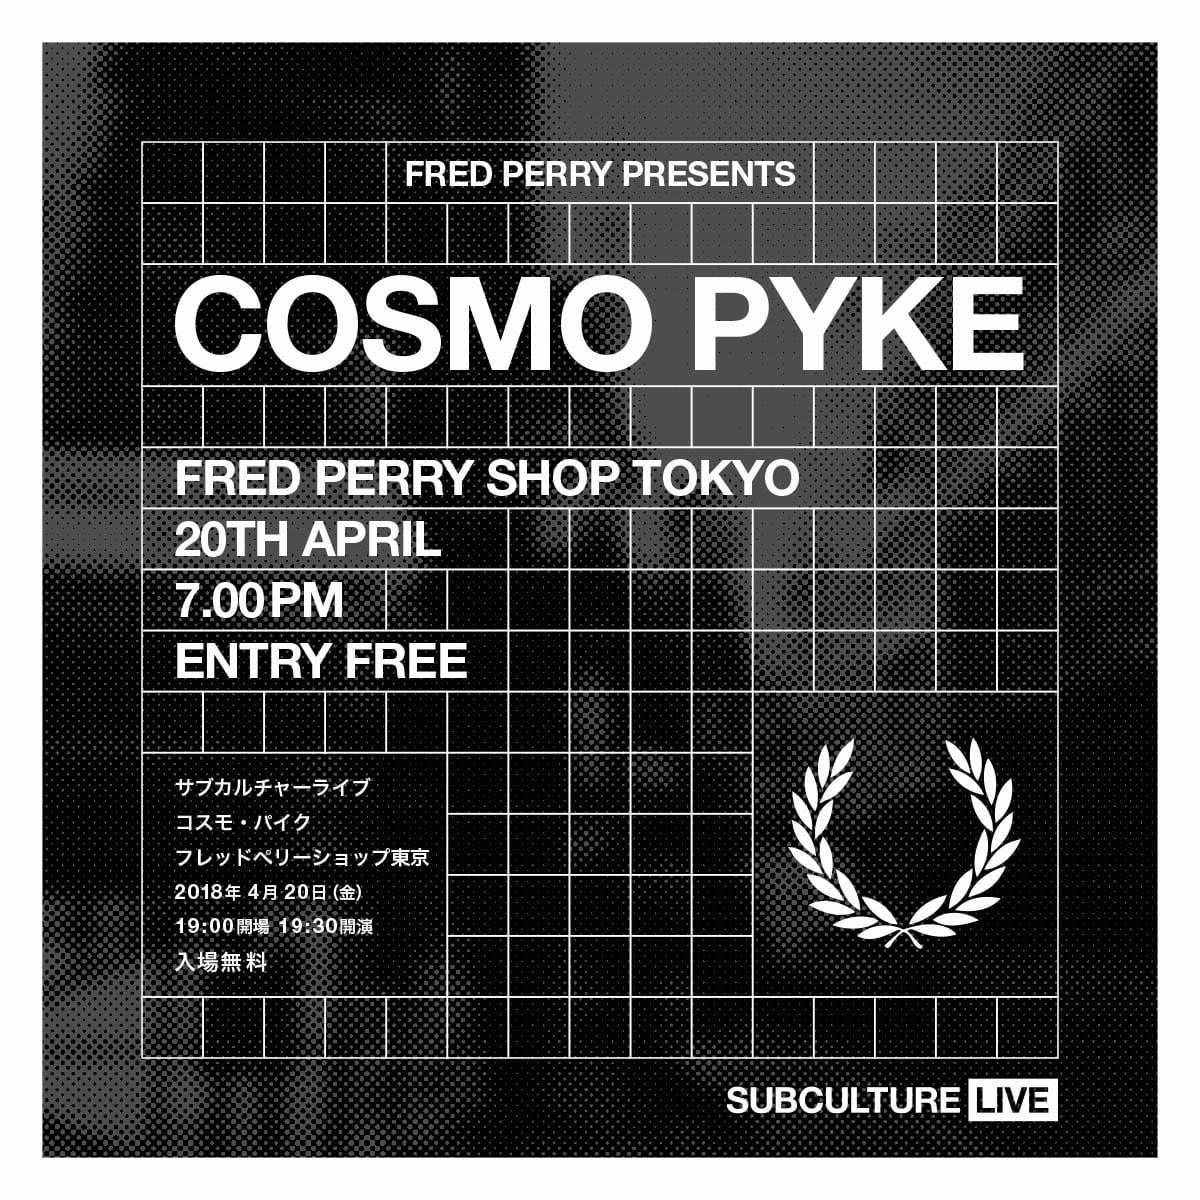 コスモ・パイク、入場無料フレッドペリーインストアライブに出演!サウスロンドン音楽シーン最前線を体感しよう! music180313_cosmopyke_1-1200x1200